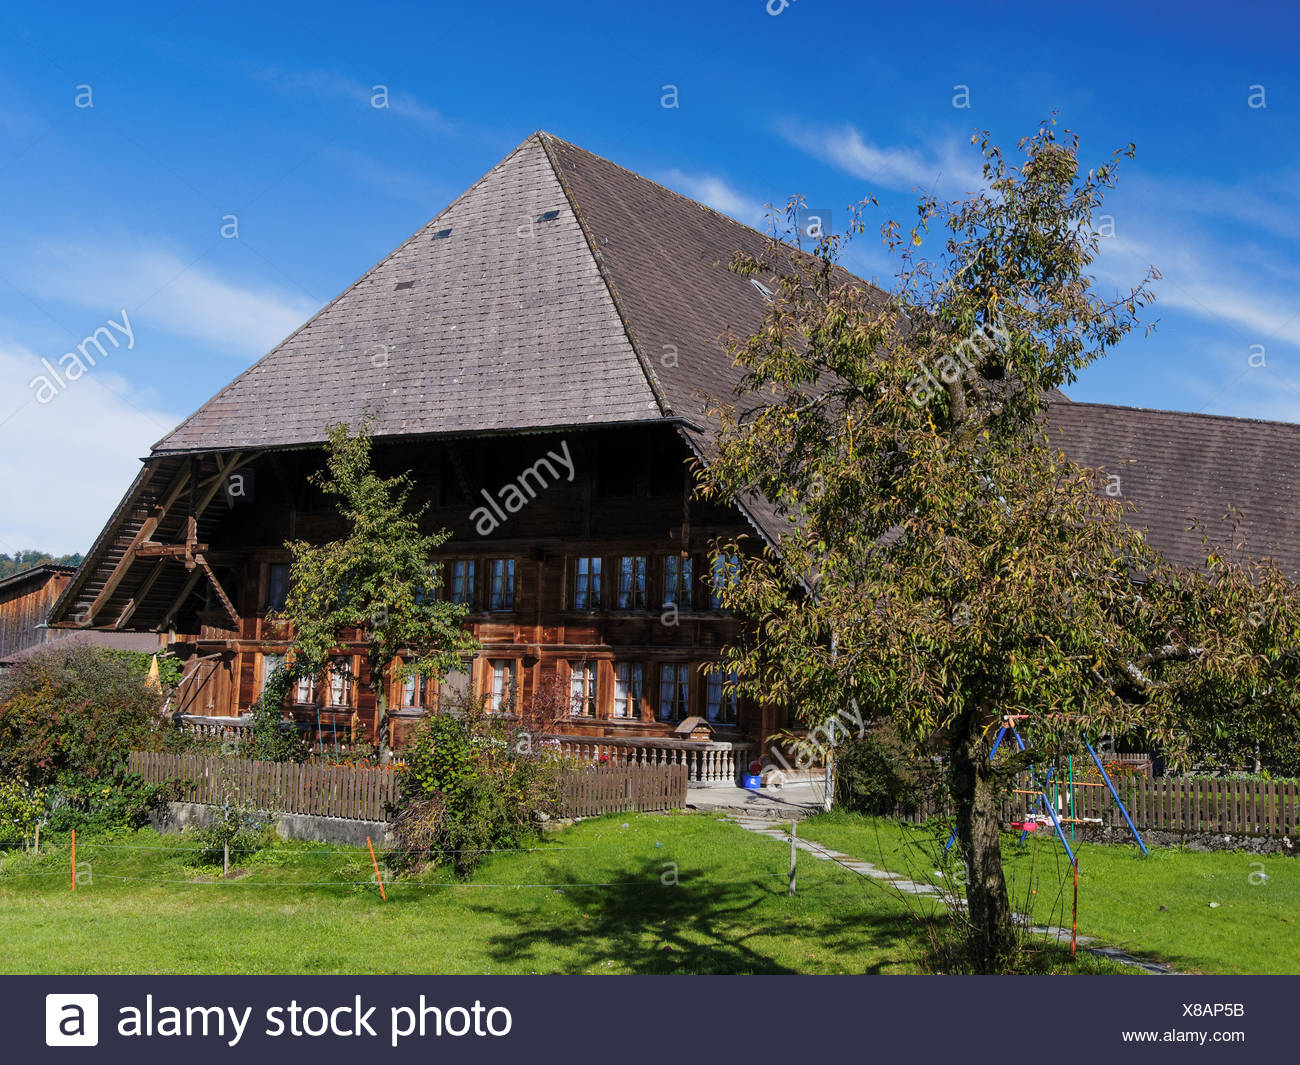 Bauernhof, Bauernhaus, Bauernhof, Garten, Dach, Emmental, Garten, Haus,  Hof, Hof, Kanton Bern, Bern, Rüderswil, Schweiz, Europ